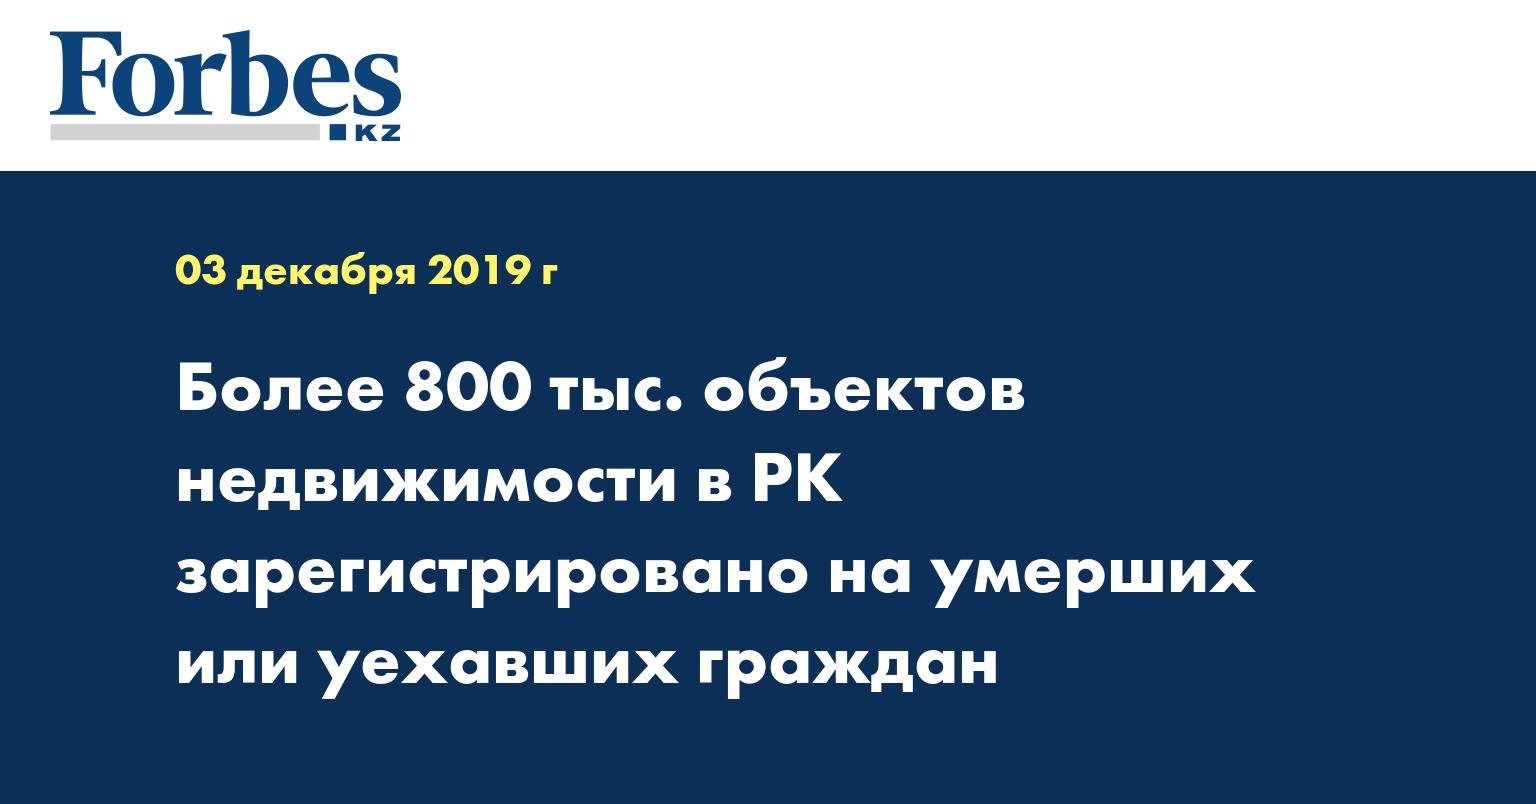 Более 800 тыс. объектов недвижимости в РК зарегистрировано на умерших или уехавших граждан